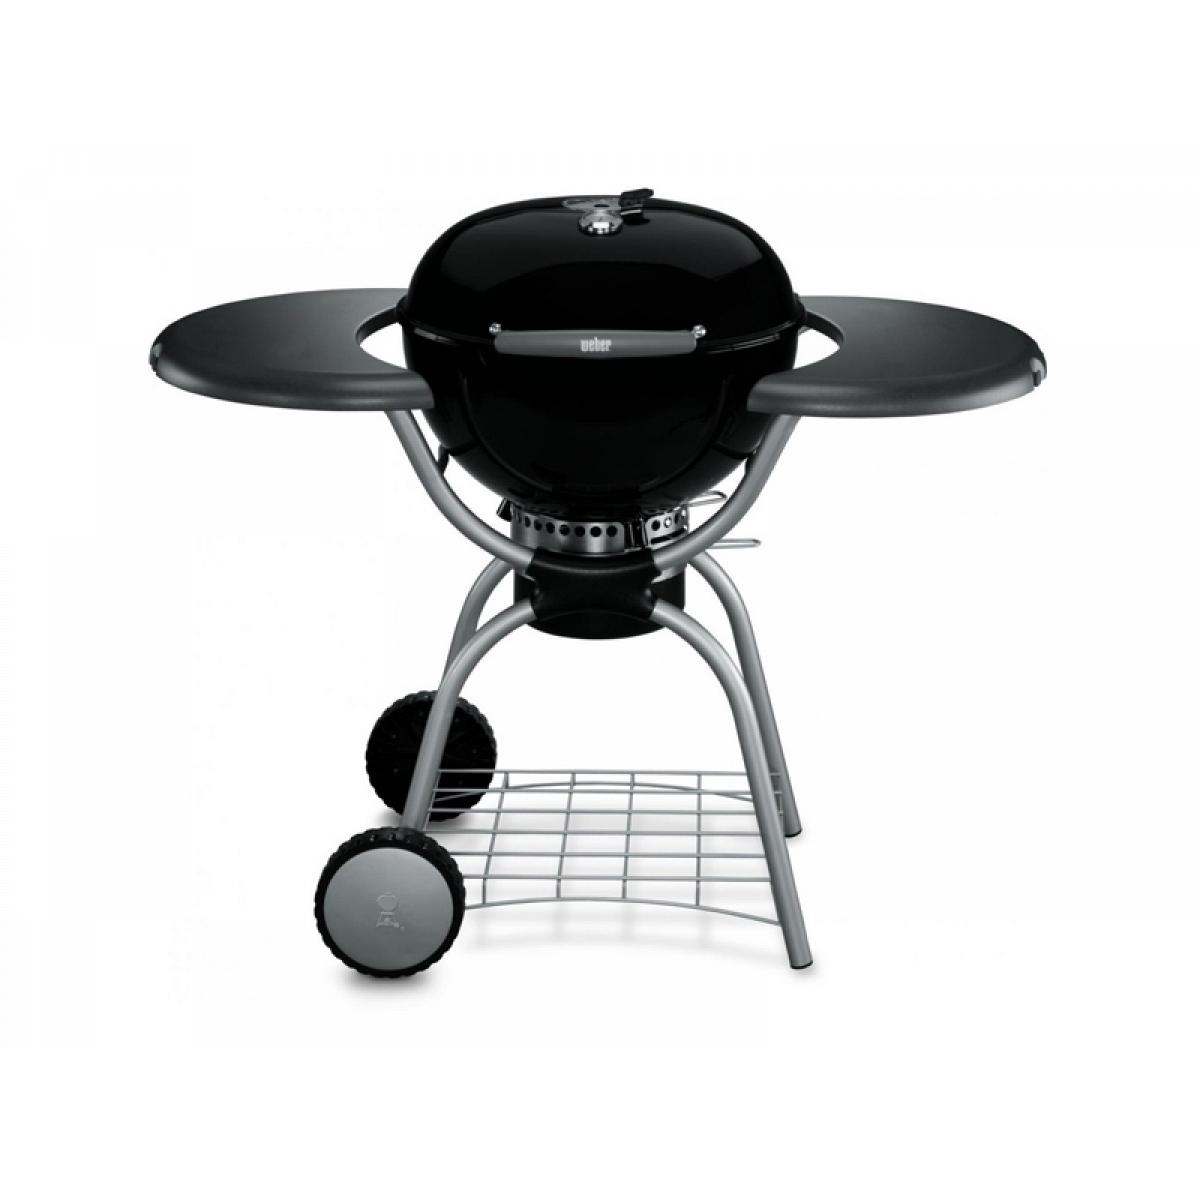 Barbecue a carbone weber con termometro integrato for Barbecue weber one touch premium